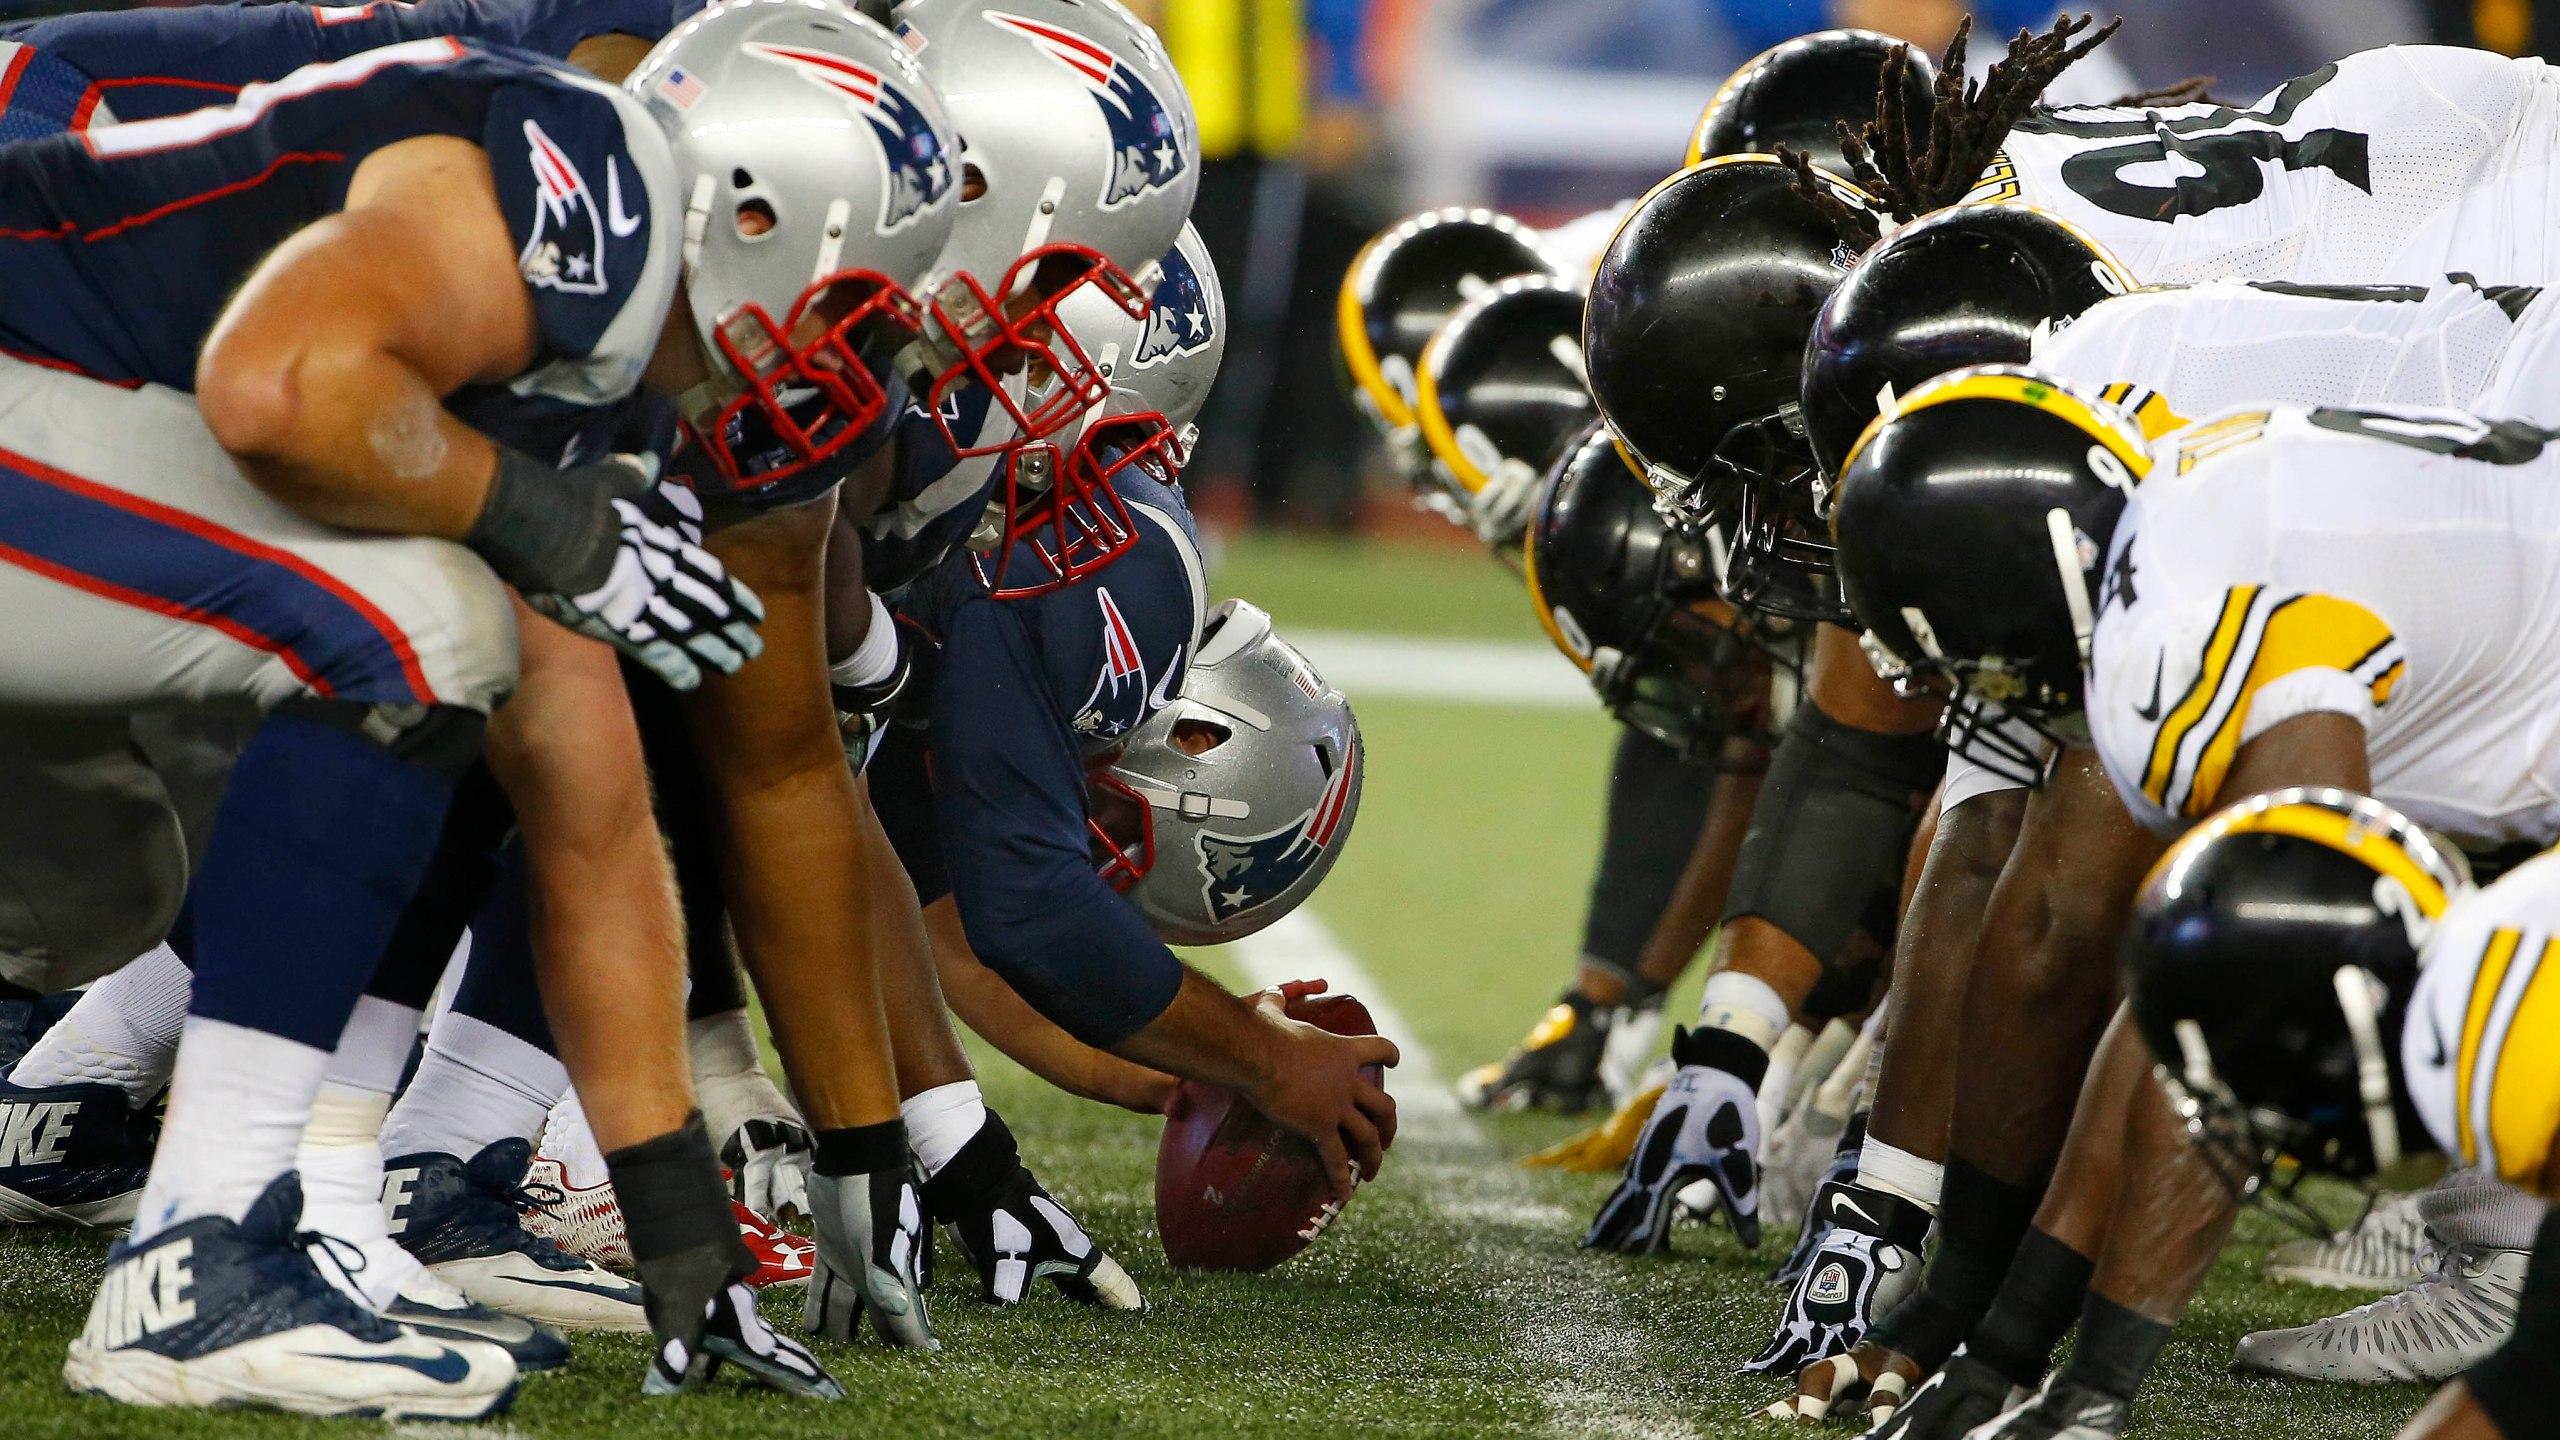 Steelers Patriots Football_406863